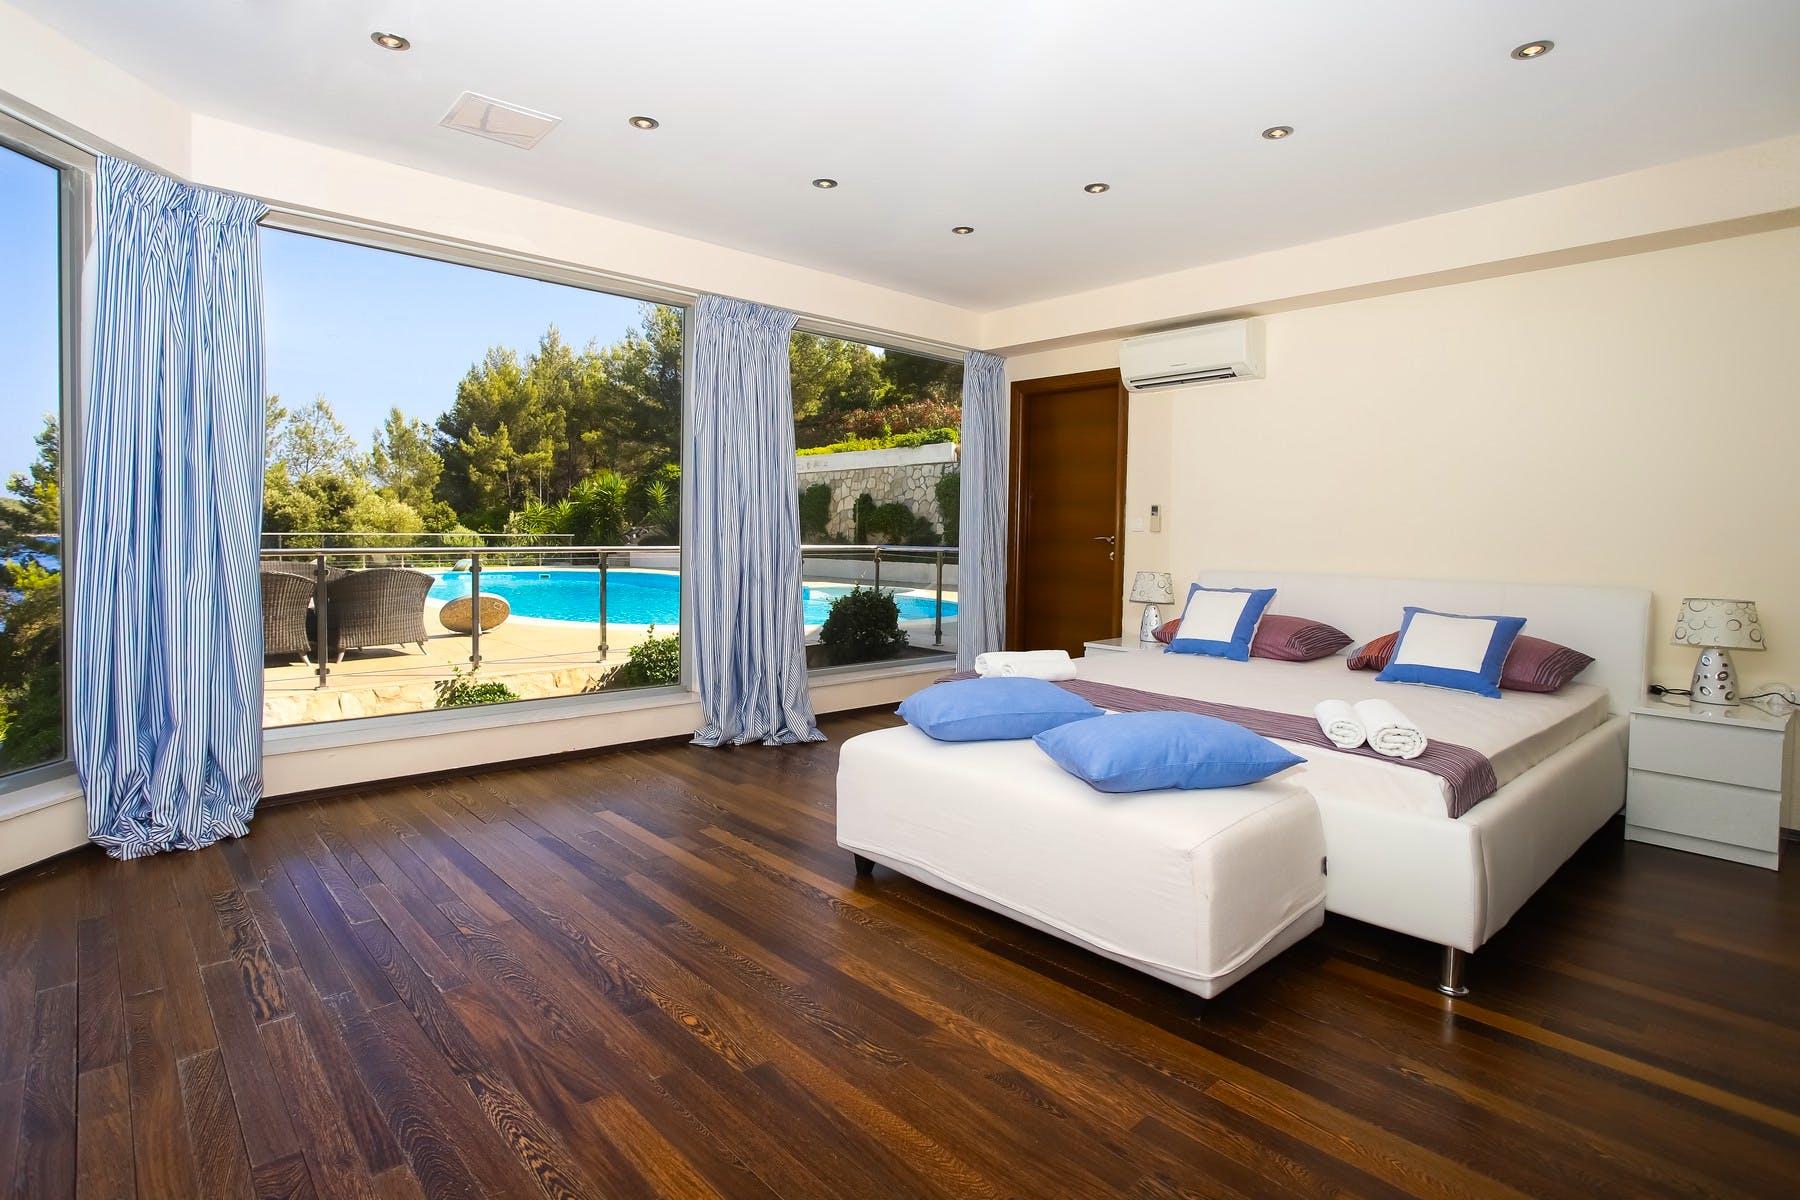 Spavaća soba s pogledom na bazen